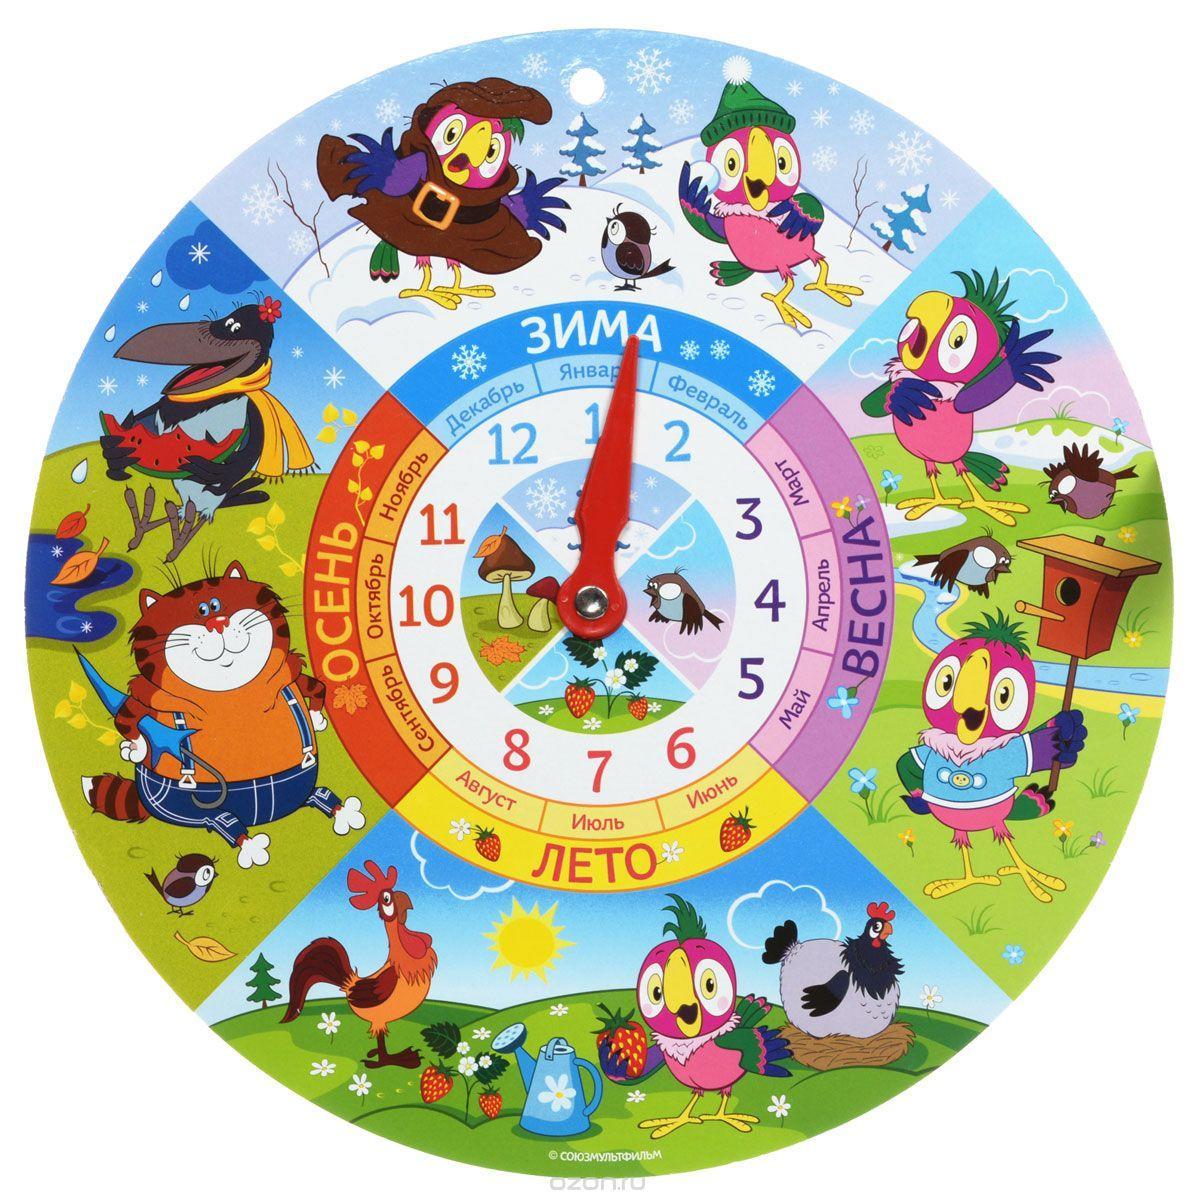 Используя картон и краски, можно смастерить обучающие часы для деток